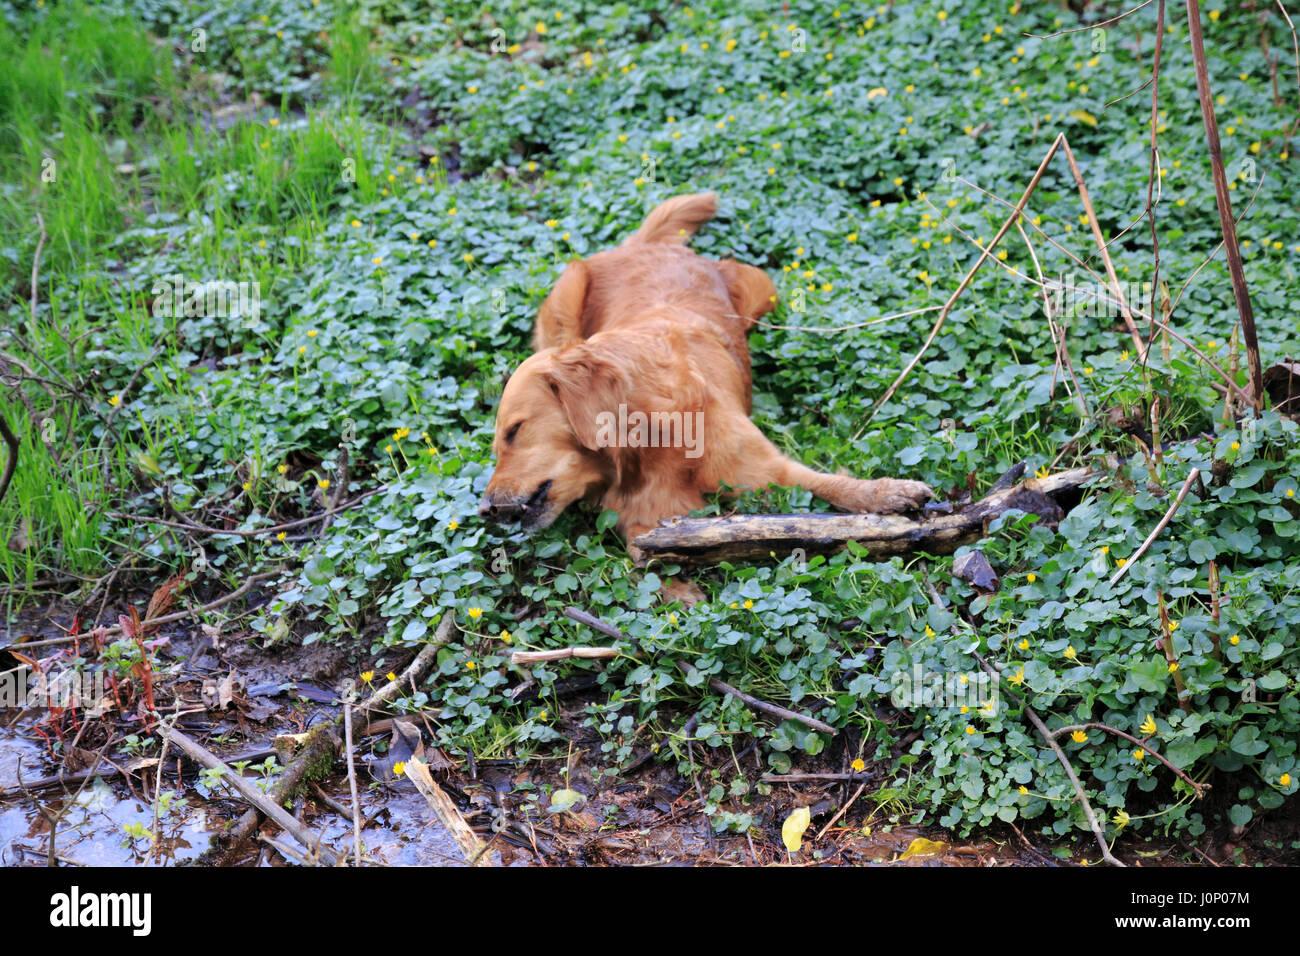 Hund Golden Redriever tod, tot, vergiftet auf einer Wiese - Stock Image